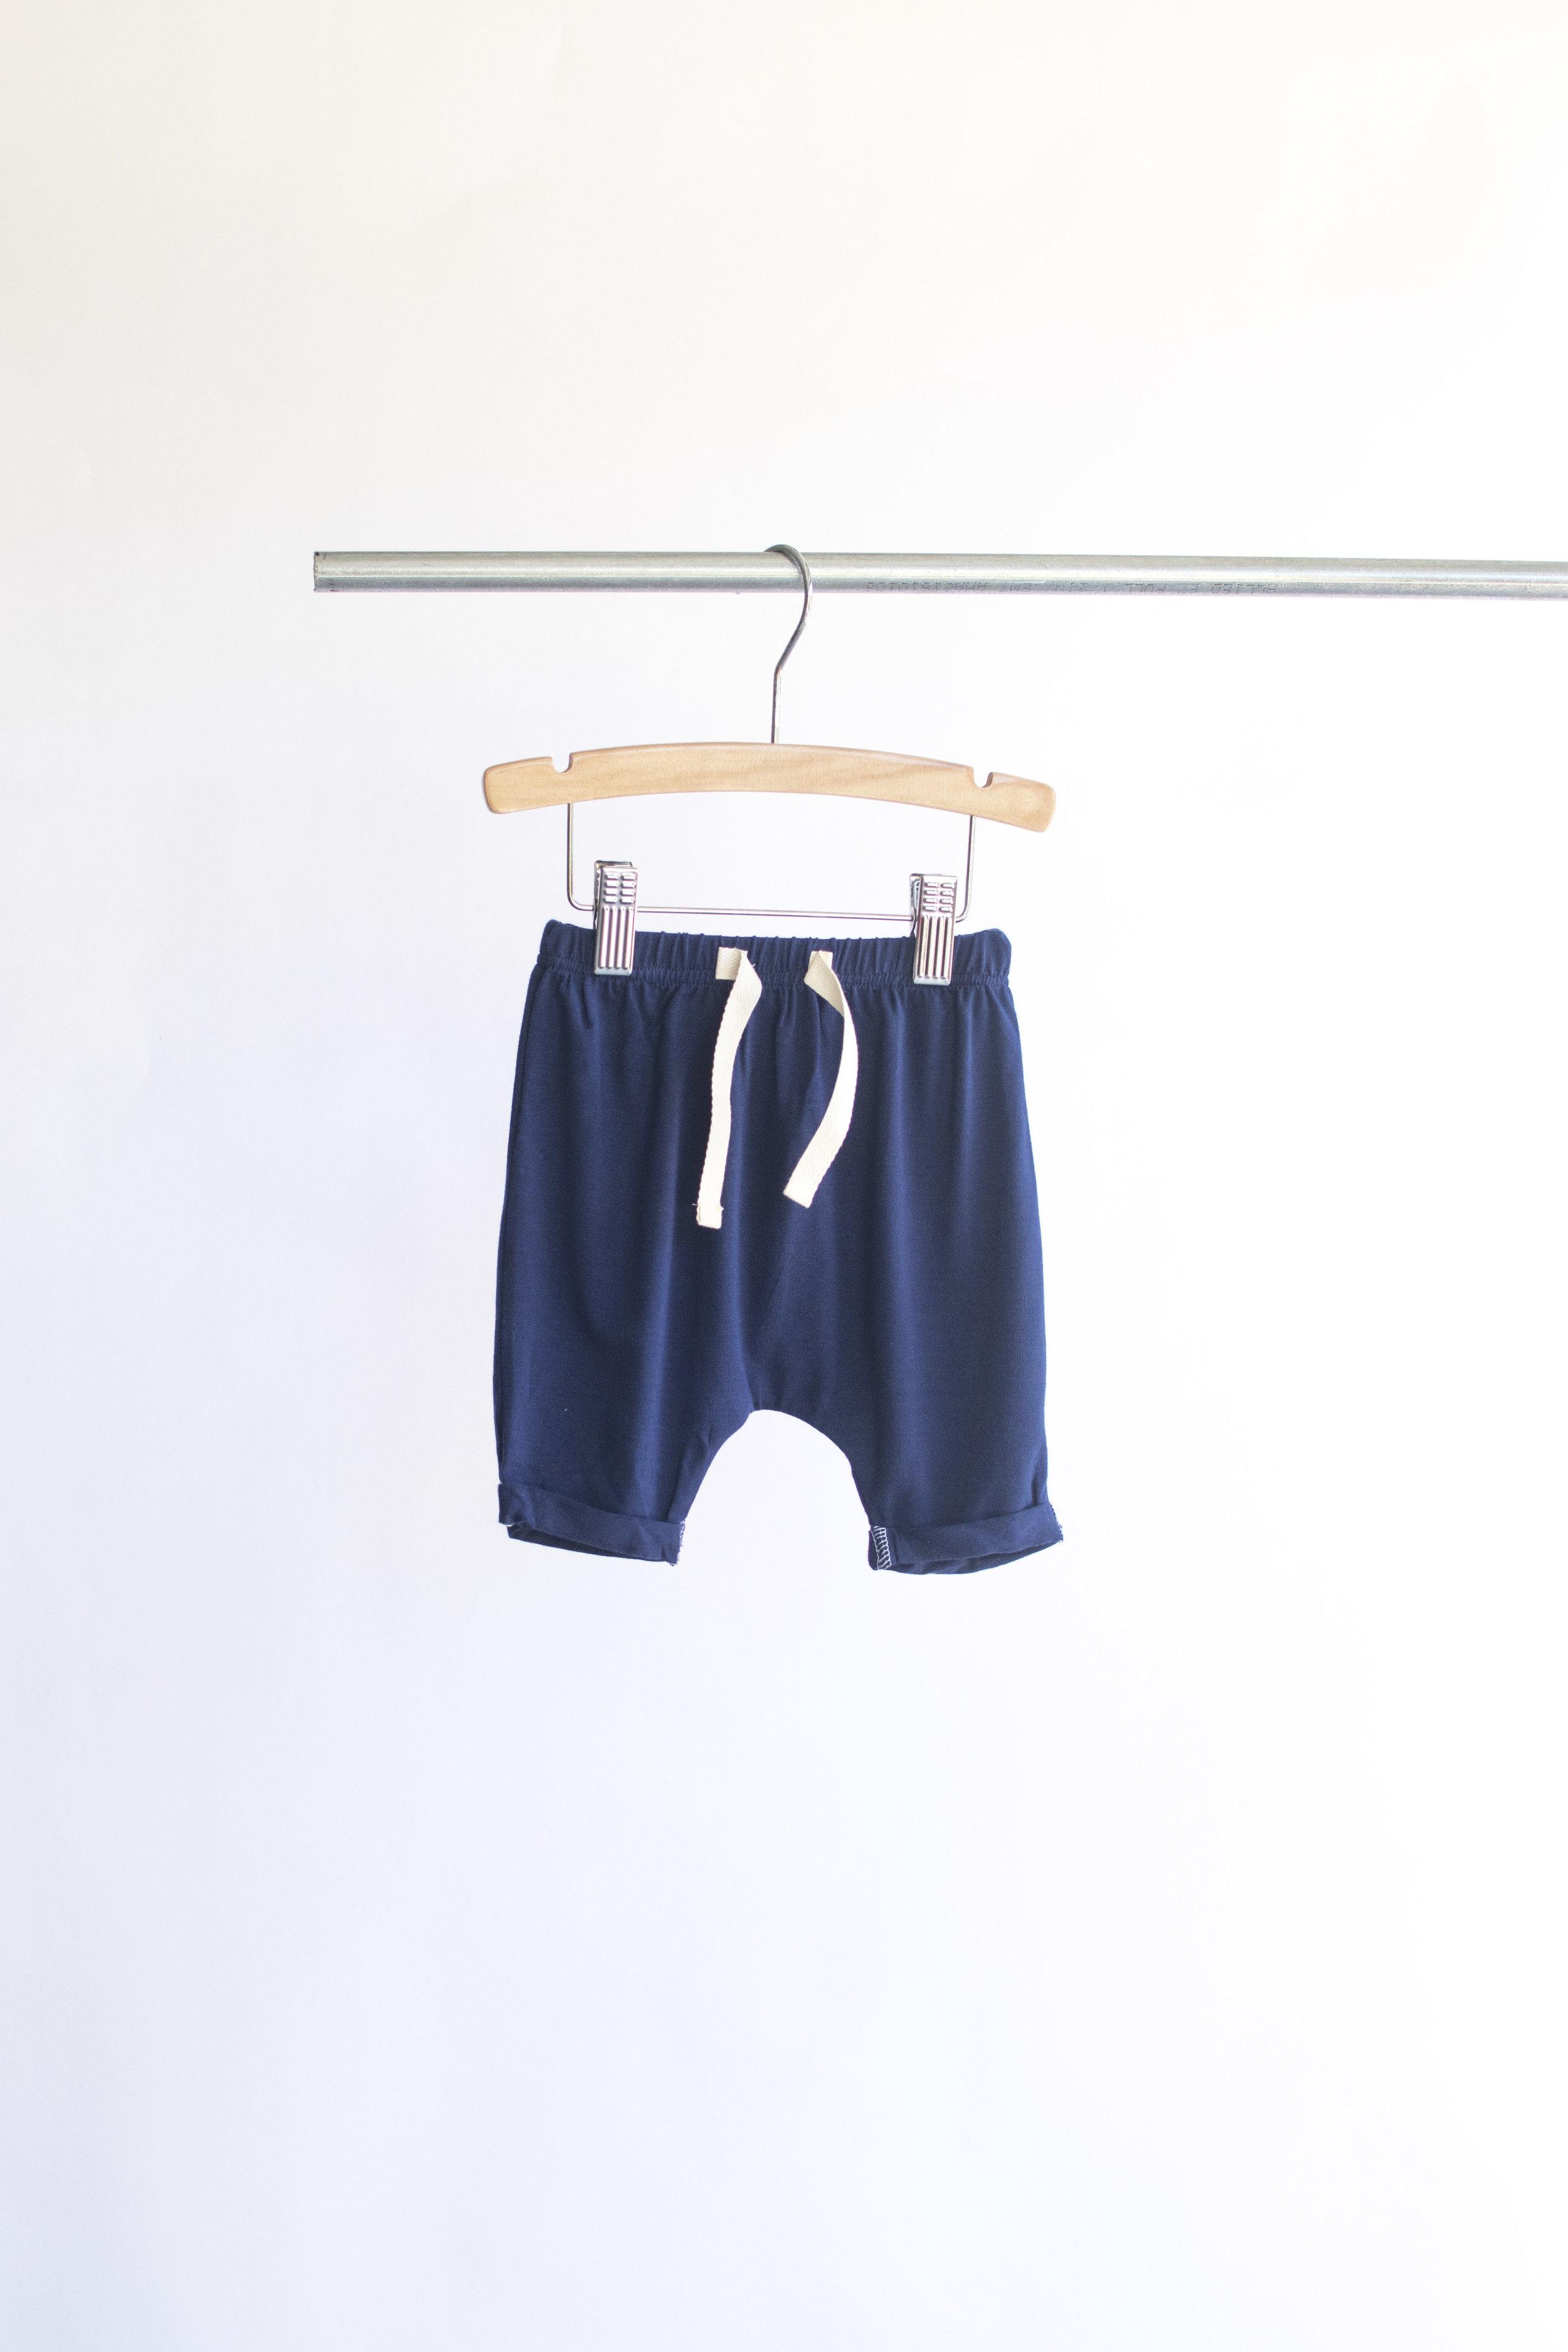 shorts7.jpg